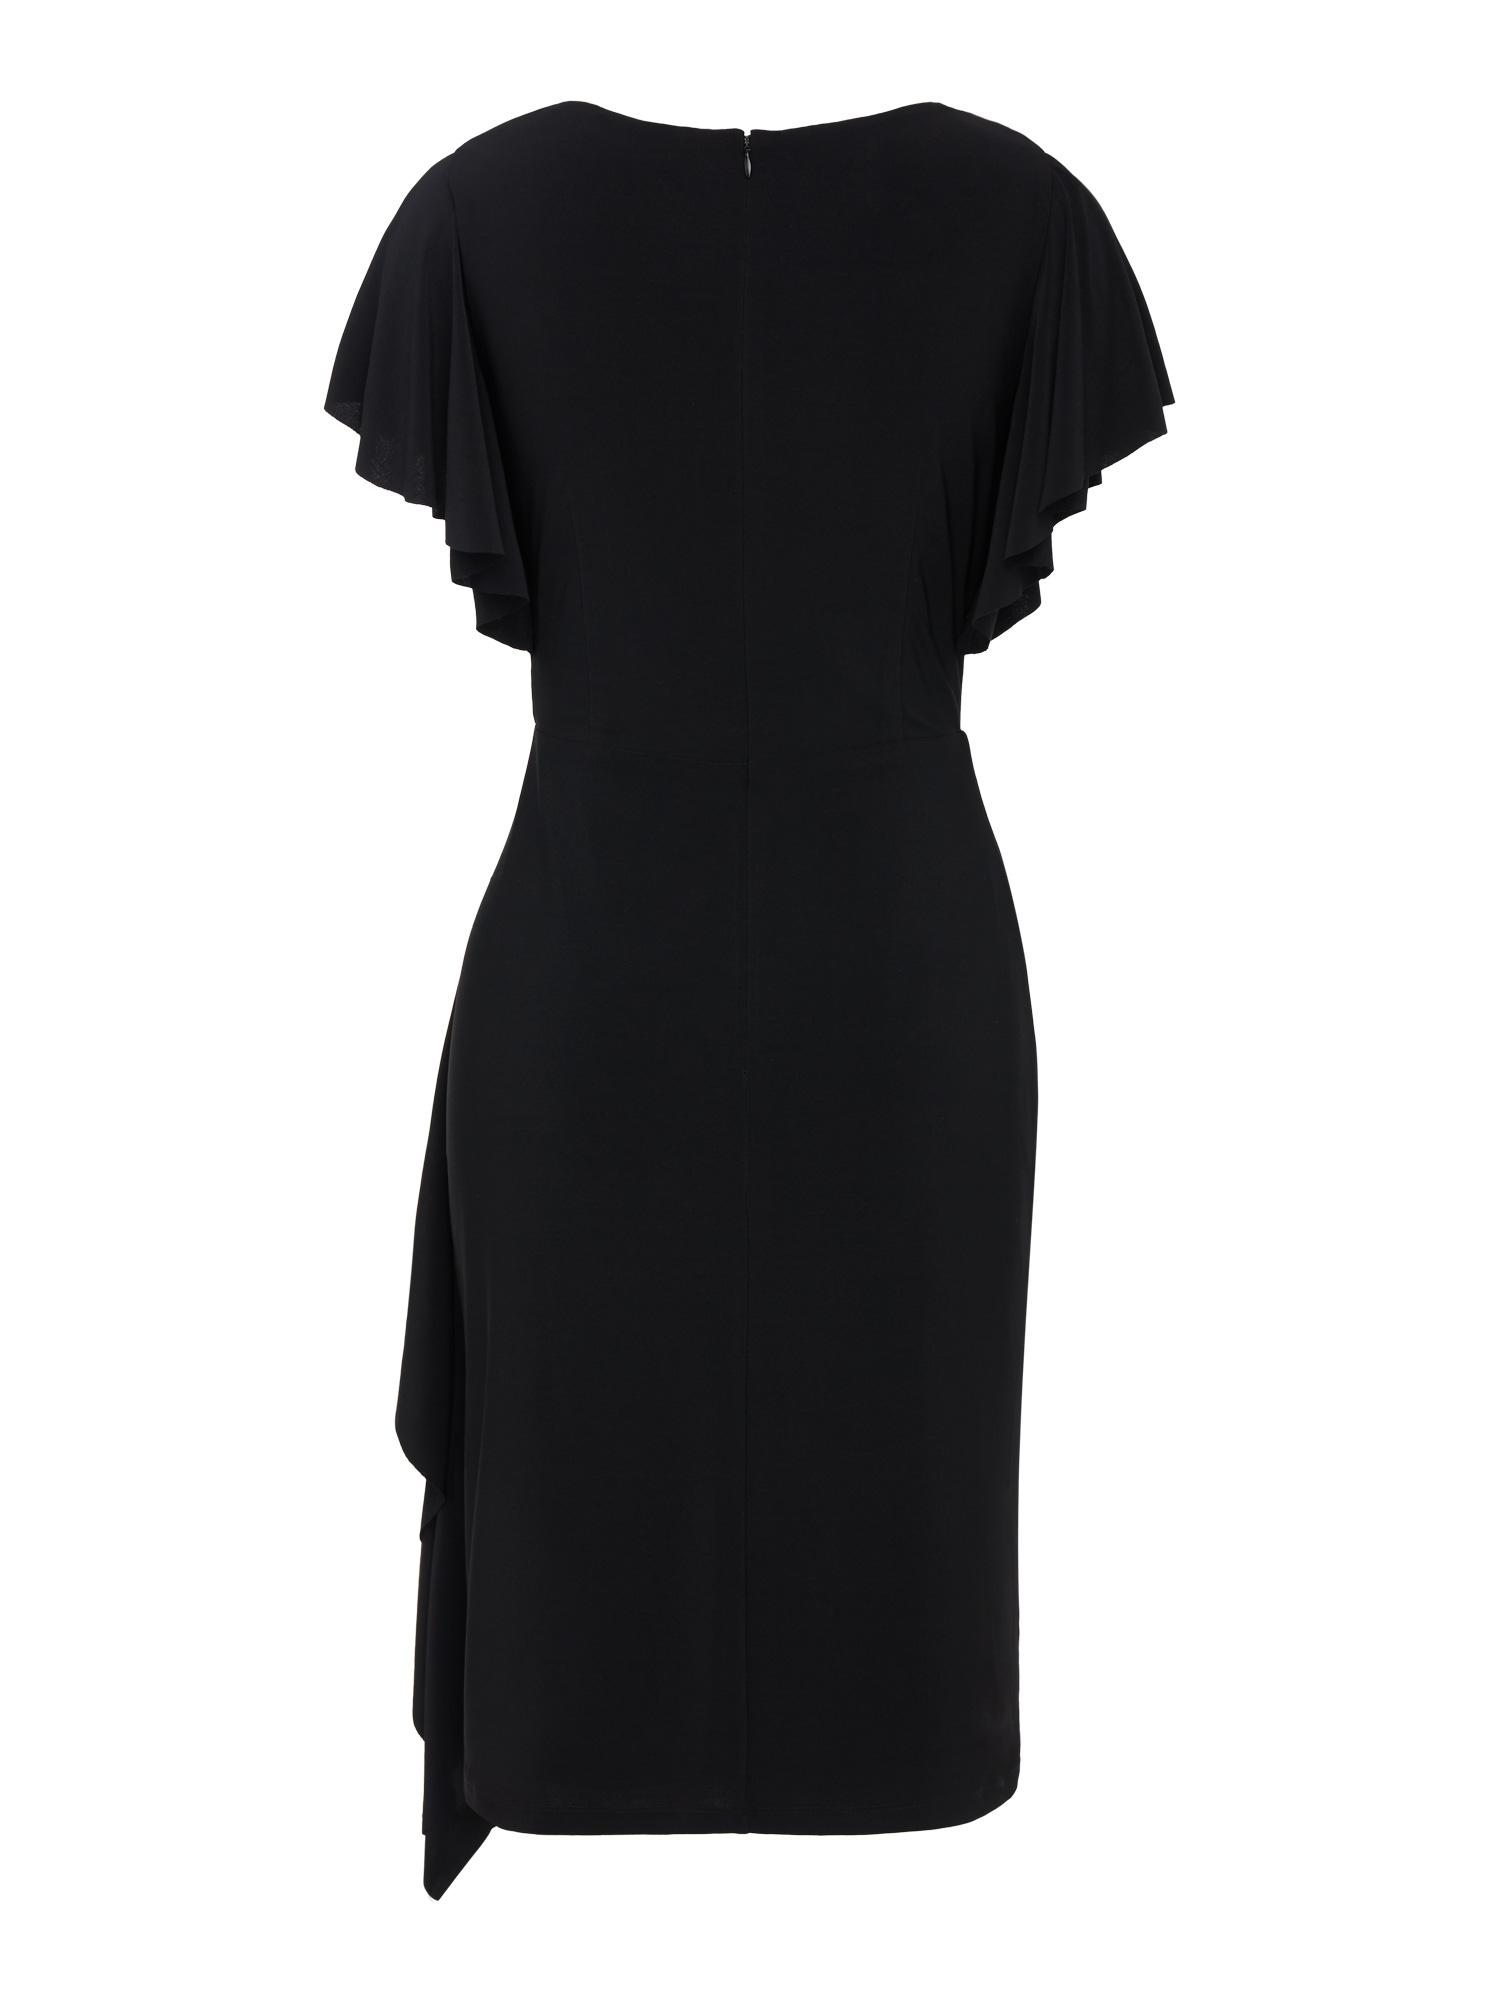 APART Fashion Kleid SCHWARZ | eBay